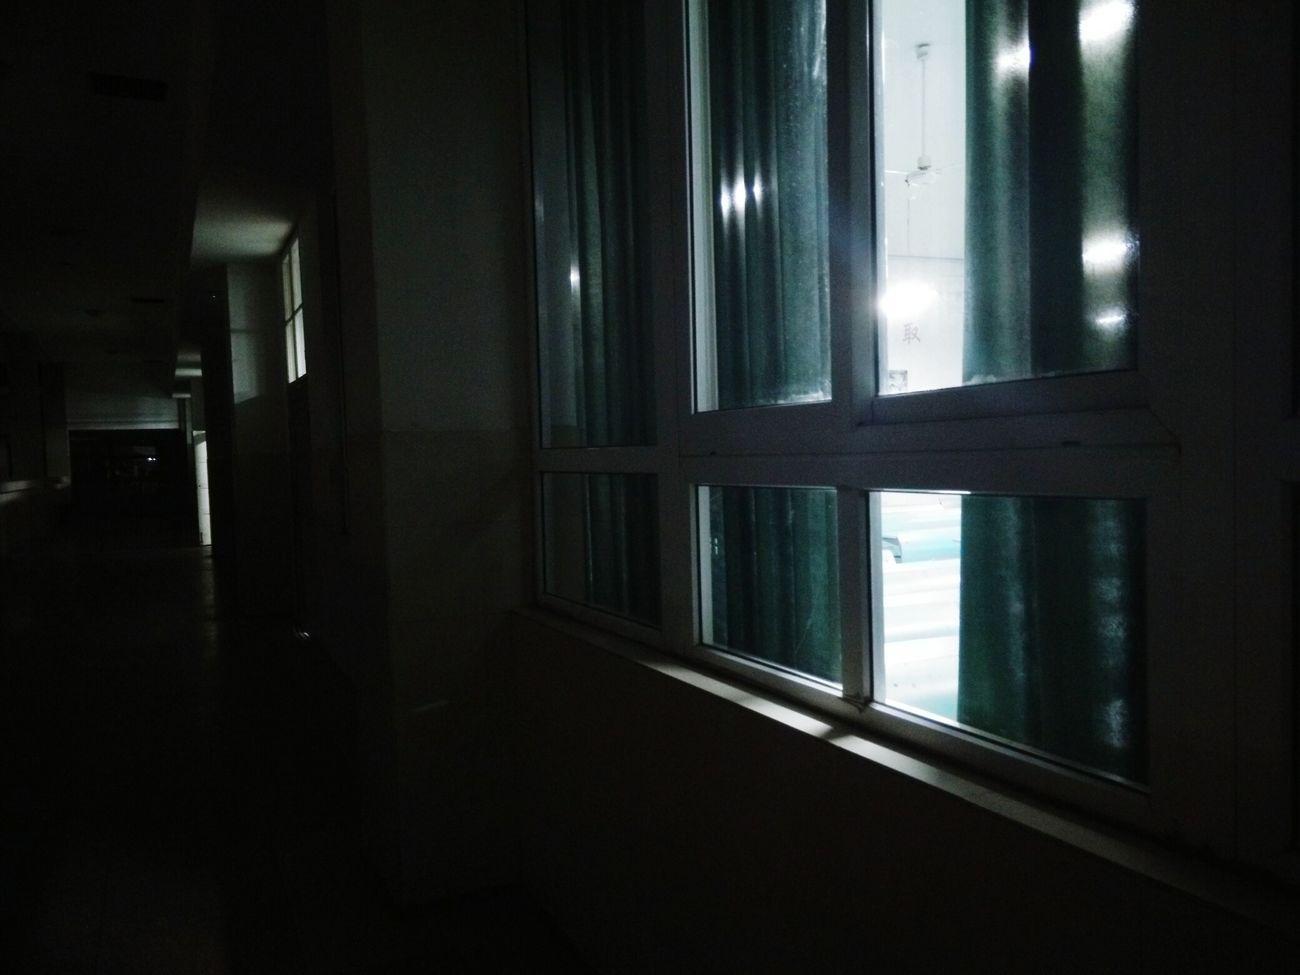 从到这个楼层来上自习开始,一直就有你。我们初次见面的503,我们羞涩邻座的505,我们后来再一起的每一个教室每一个角落,都有你的身影。好难过,真的好难过。你不会再陪我上自习了。可是教室里的每个位置都让我想起你,想起我们从认识到亲密的那些日子,我好难过。一个人再去上自习真的想哭。 和舒舒在一起的日子 舒舒